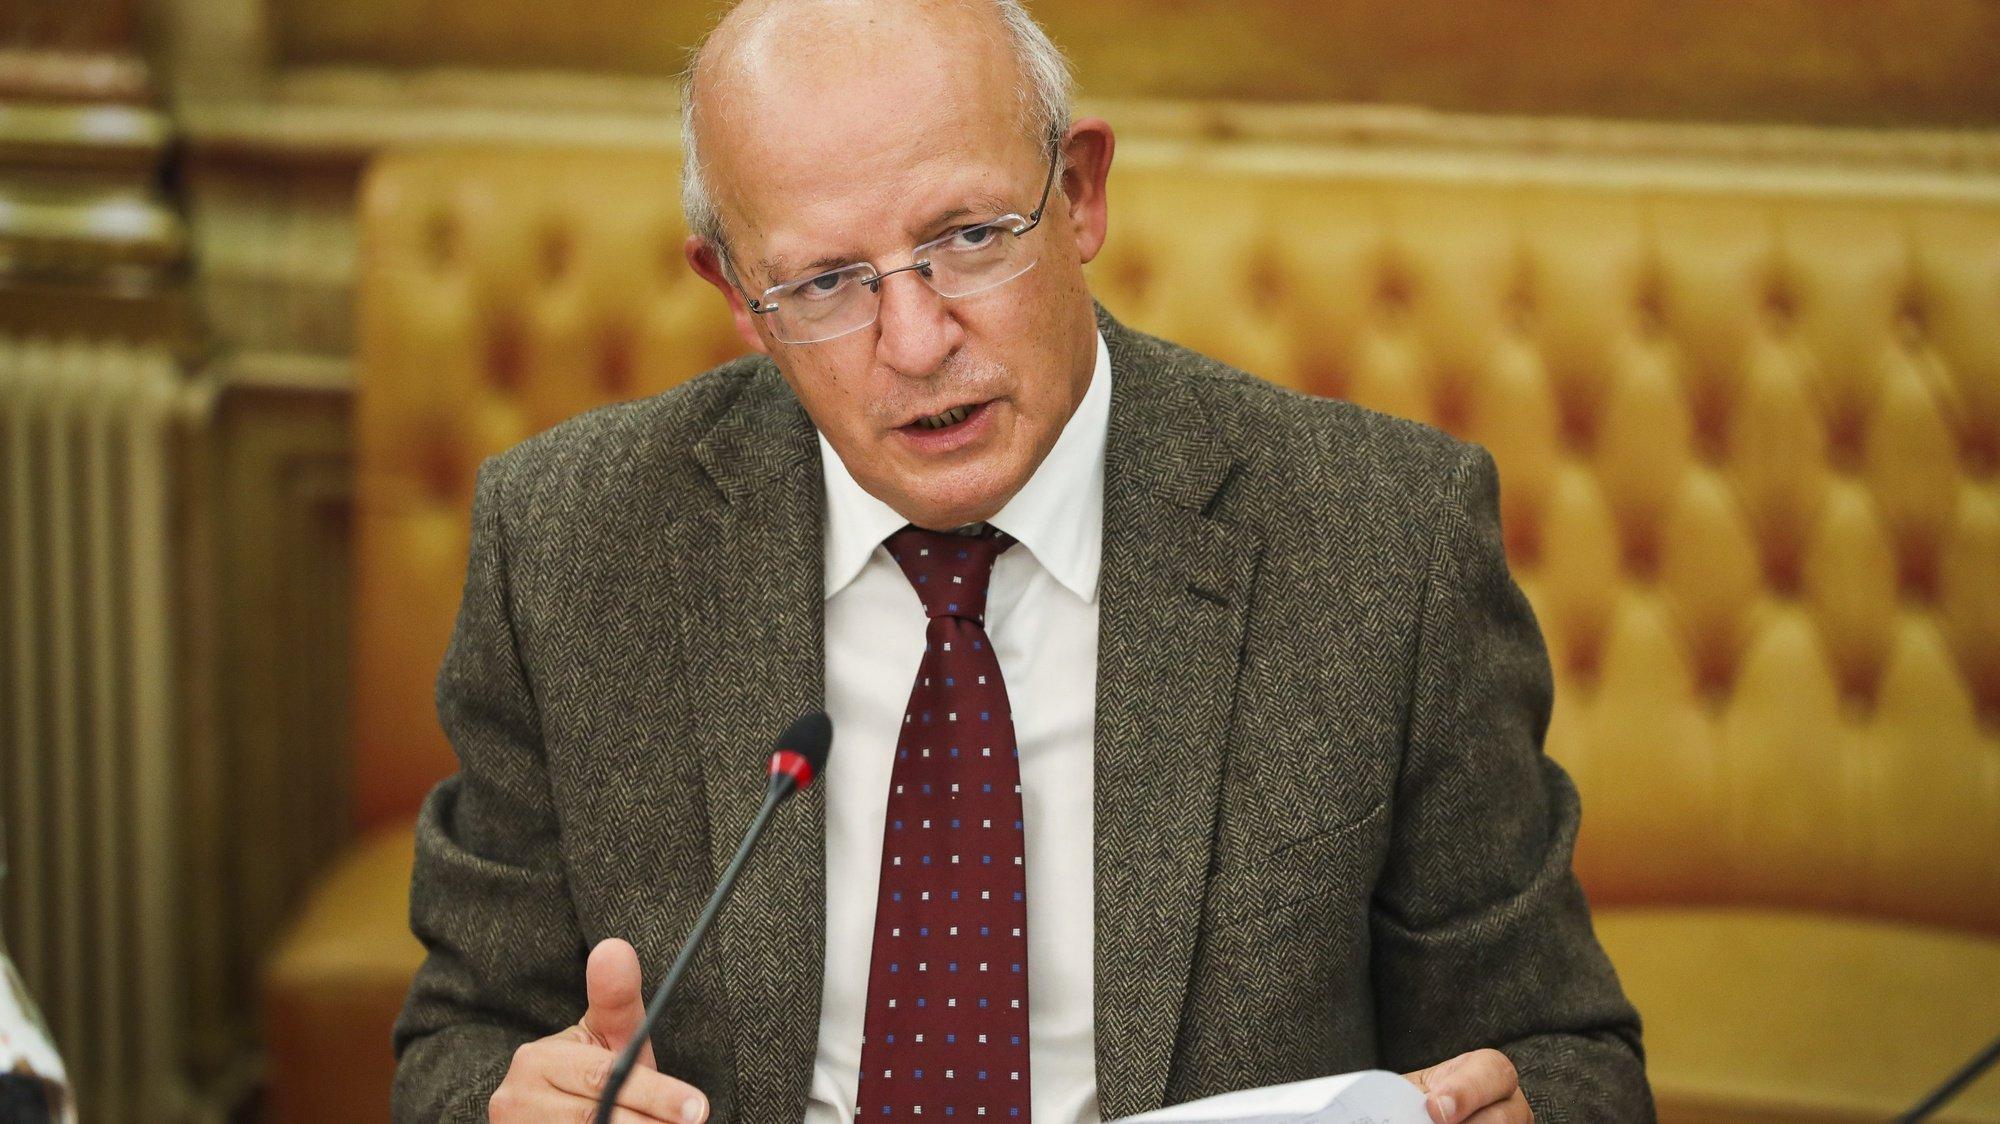 O ministro dos Negócios Estrangeiros, Augusto Santos Silva, durante a sua audição na Comissão de Assuntos Europeus, na Assembleia da República, em Lisboa, 28 de outubro de 2020. JOSÉ SENA GOULÃO/LUSA